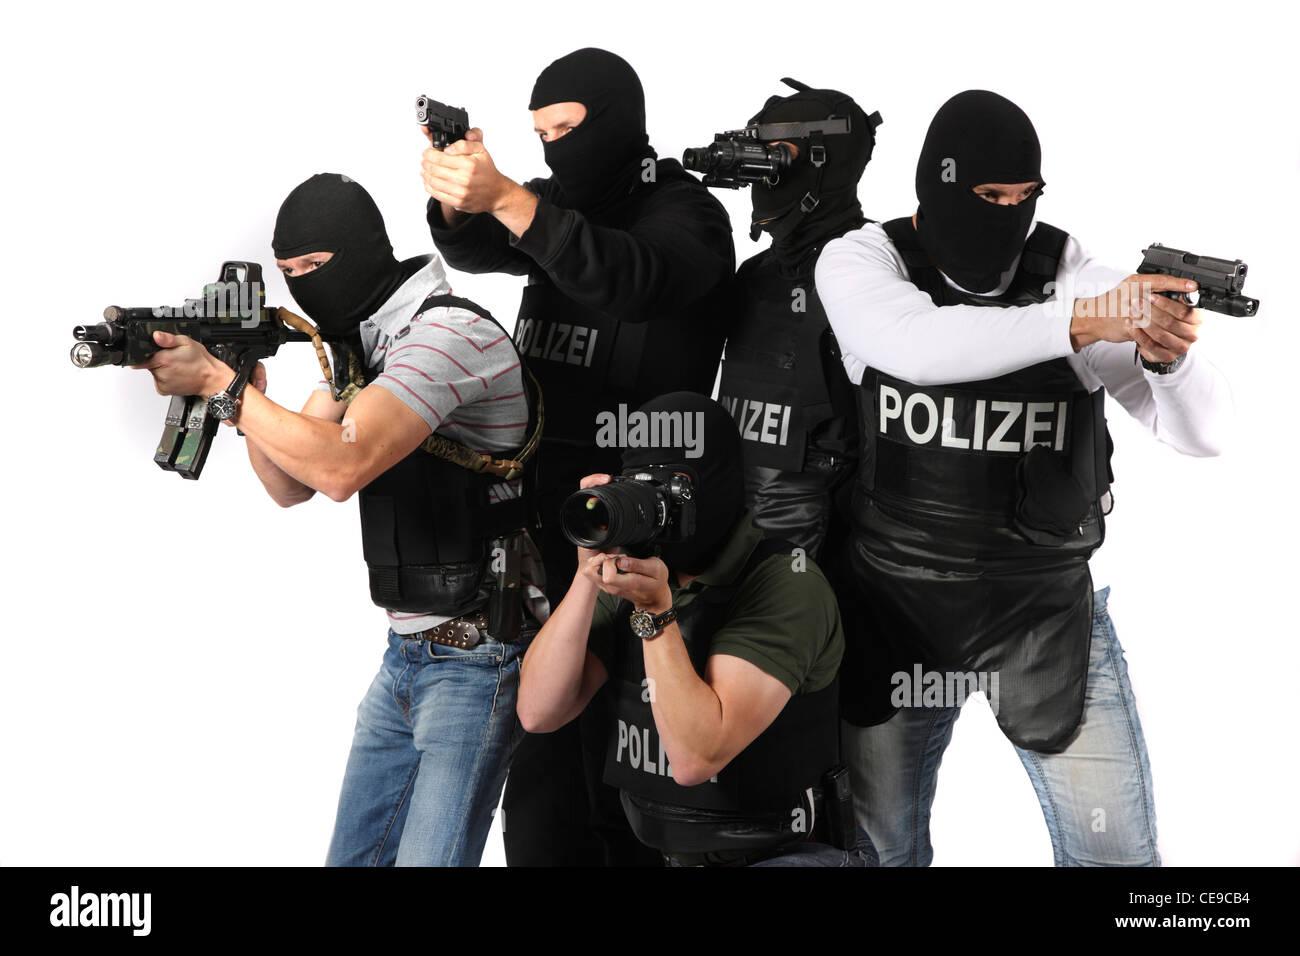 polizei swatteam polizeiliche spezialeinheit